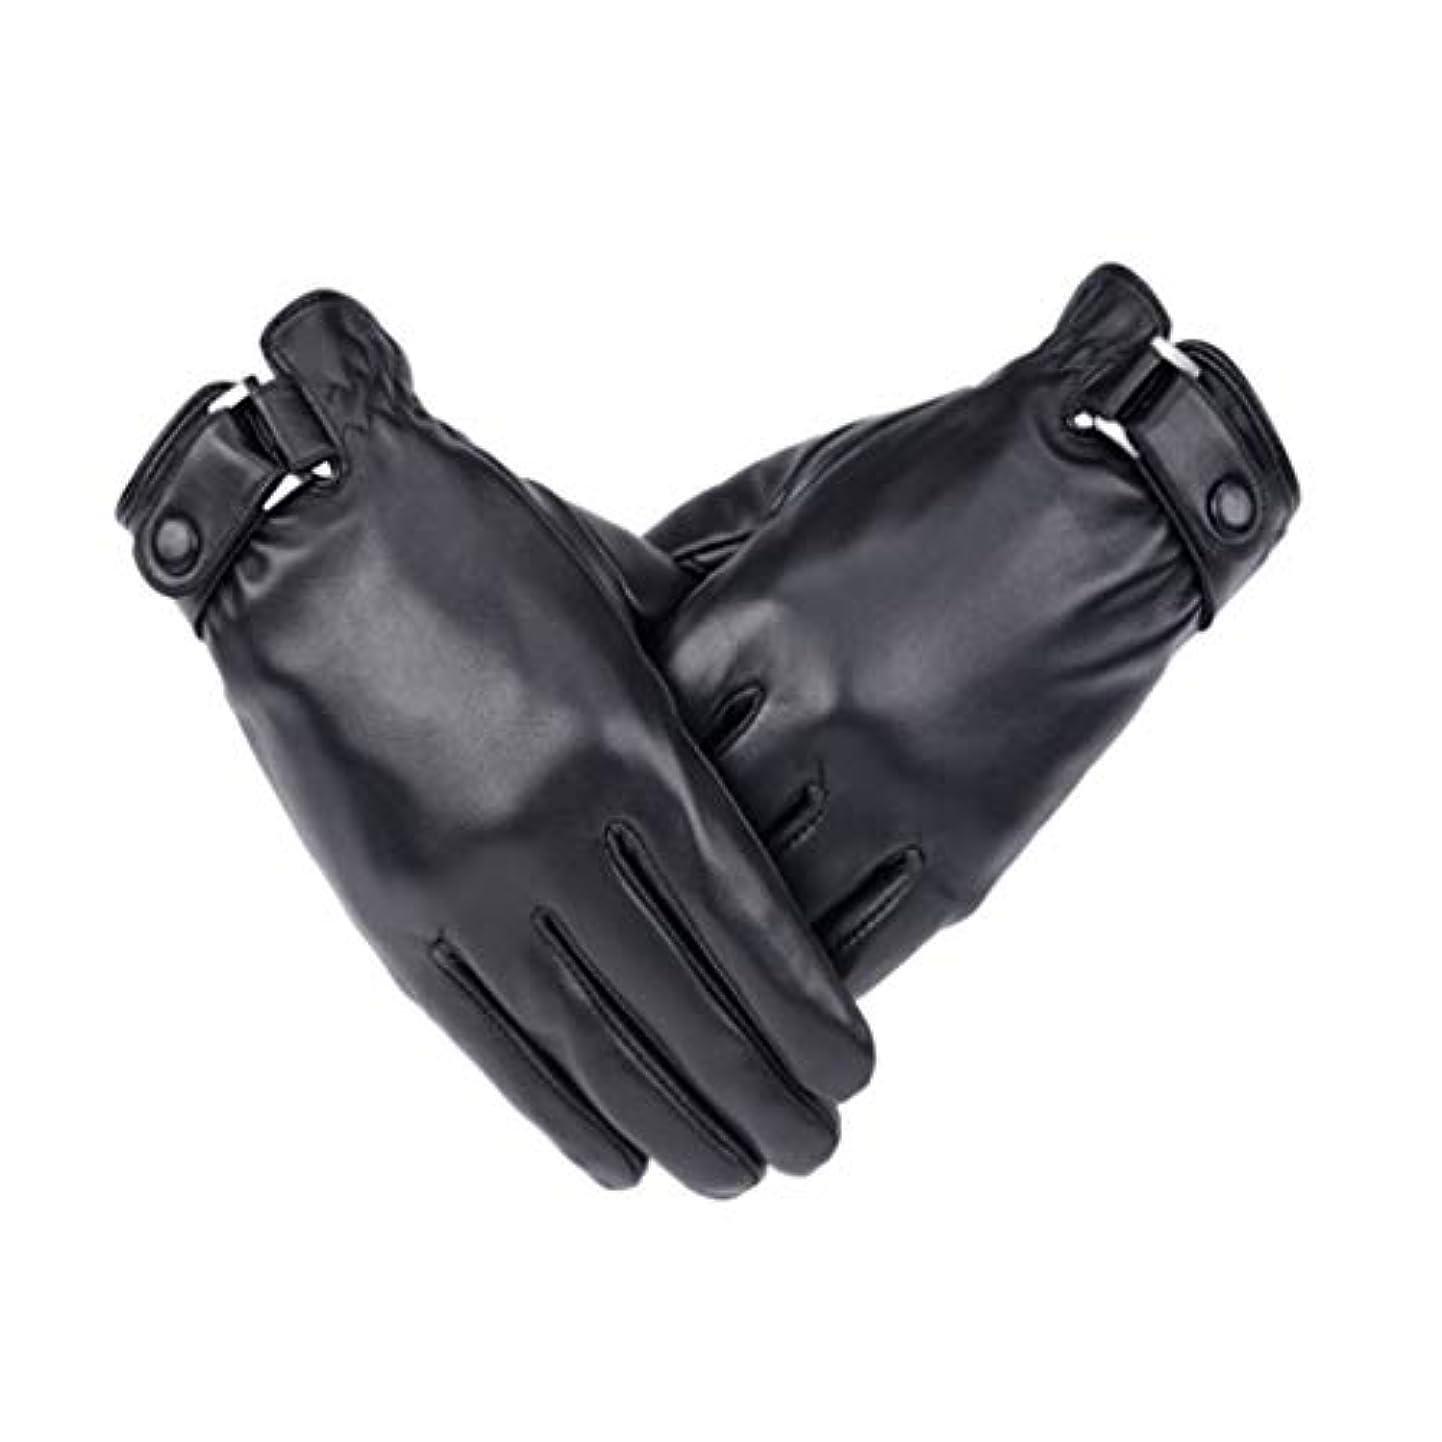 降臨短命パイル手袋の男性冬プラスベルベット厚手の革手袋暖かいタッチスクリーン羊革手袋ファッションモデルXLコード